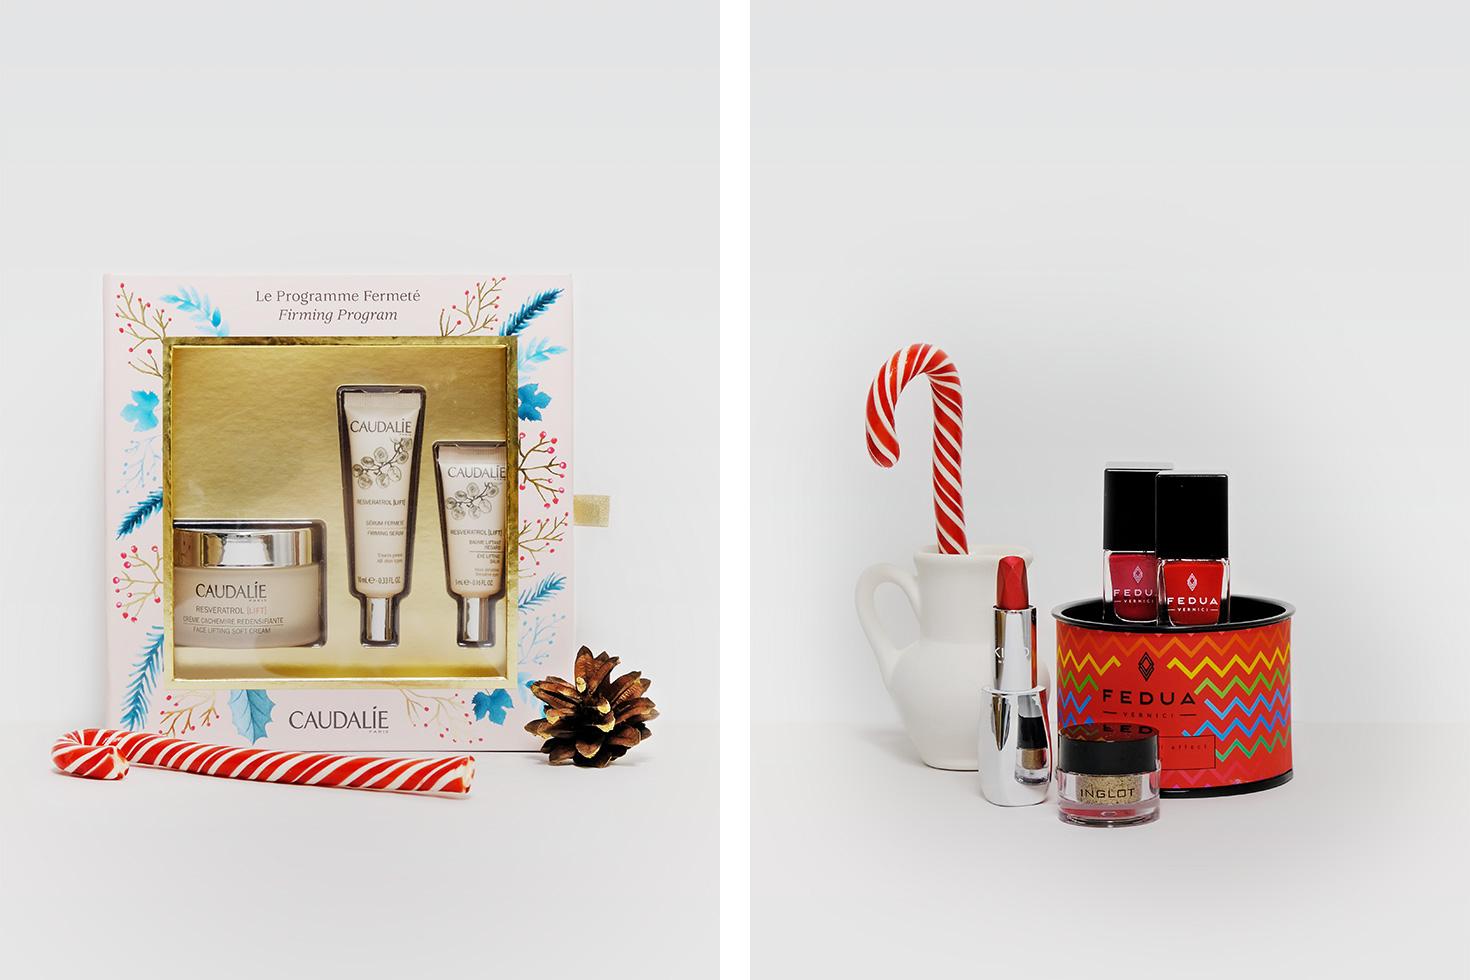 Слева: набор Caudalie Resveratol [Lift]. Справа: пигмент Inglot, лаки Fedua, помада-металлик Kiko Milano Arctic Holiday.